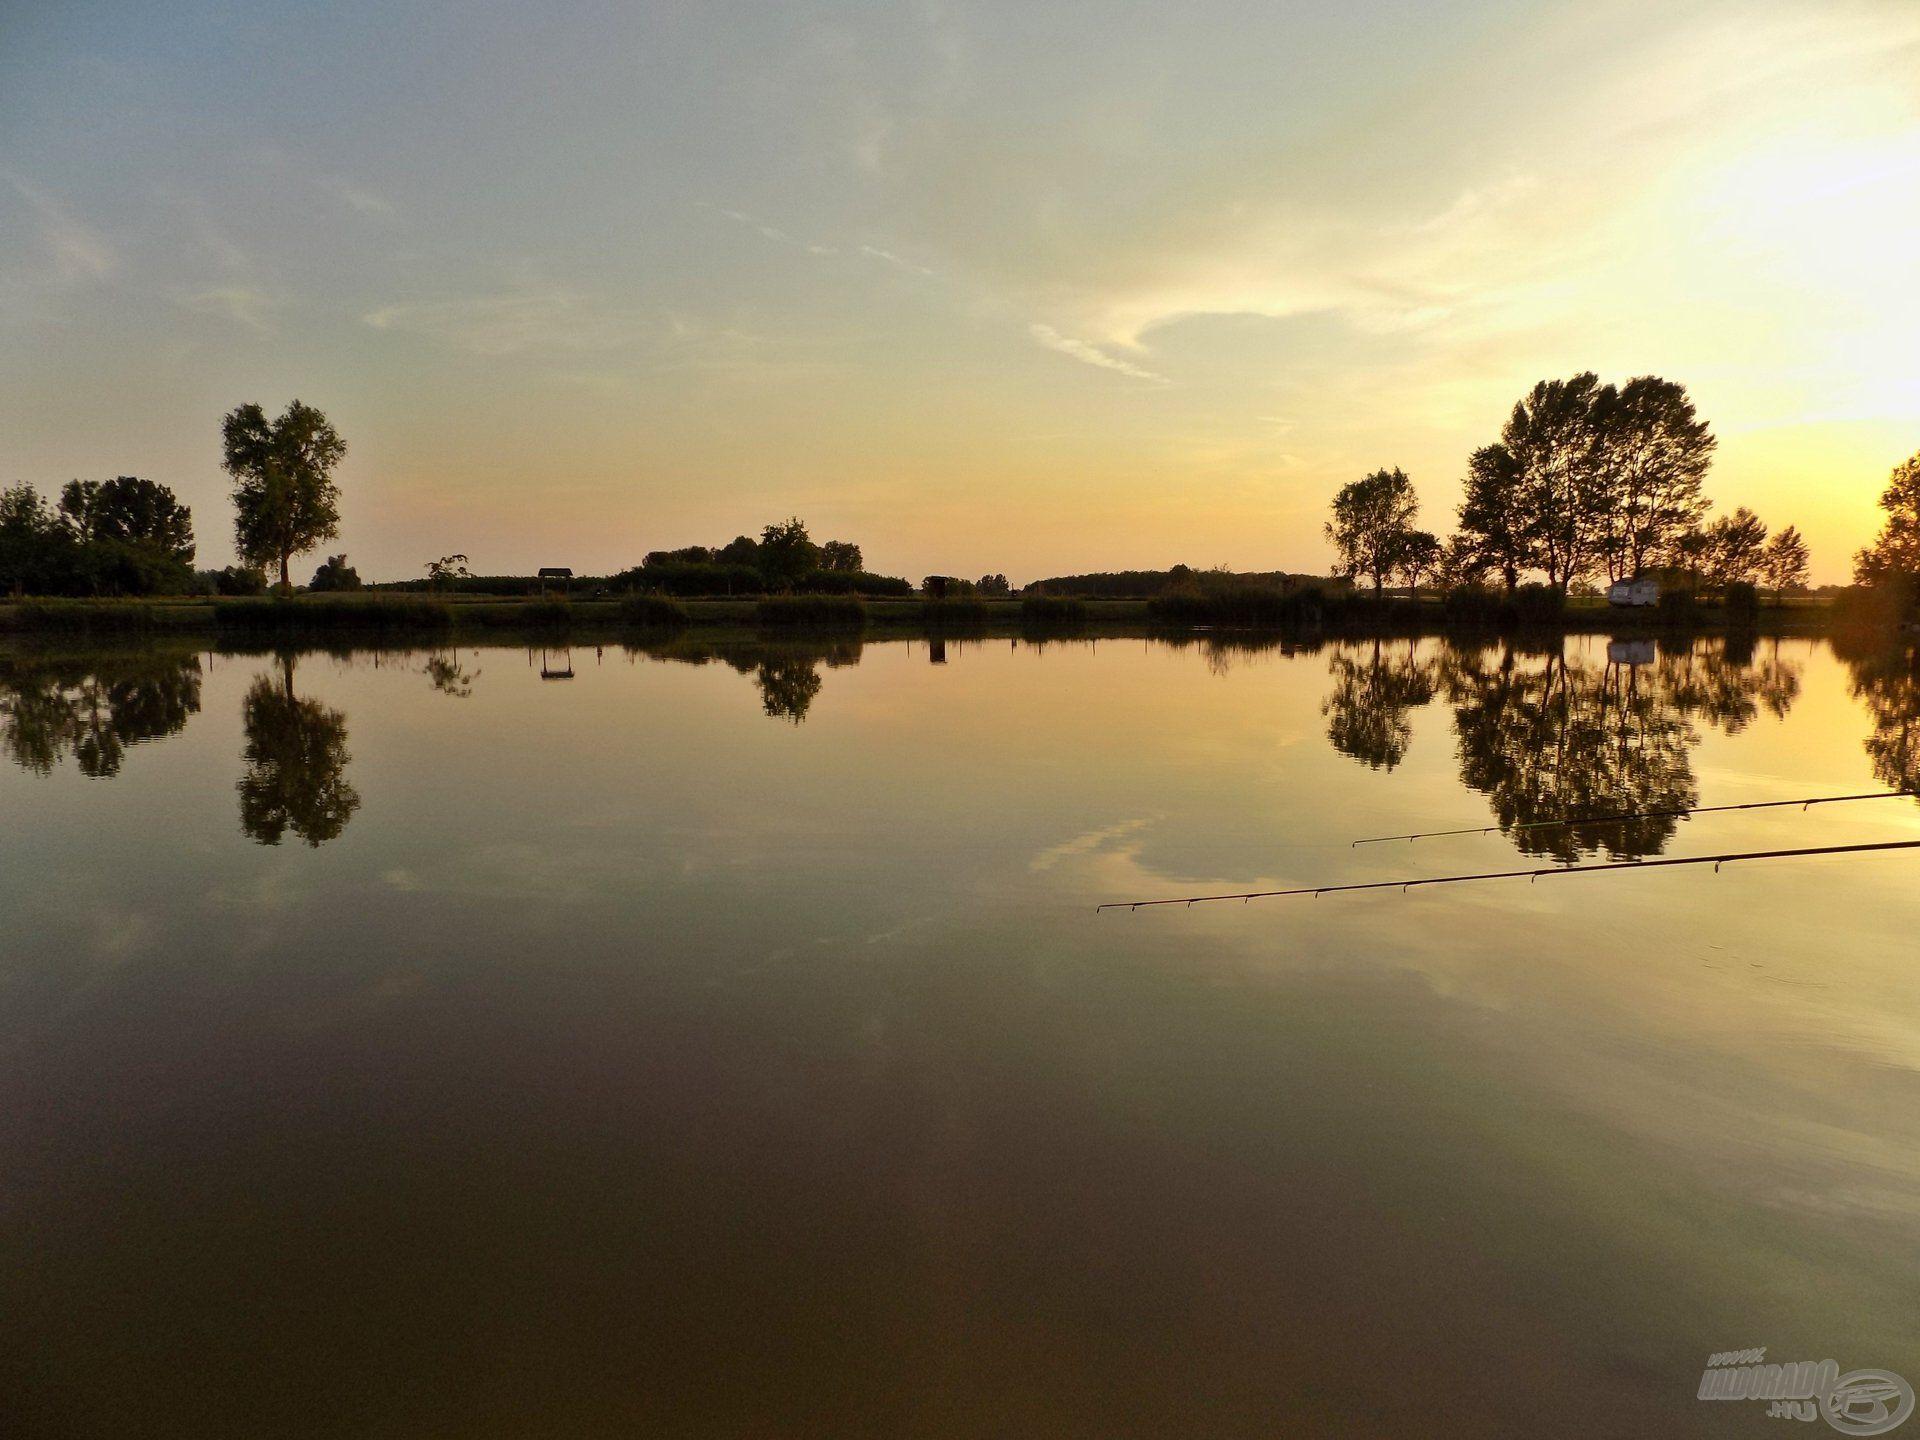 Lassan a látóhatár mögé bukik le a nap, egy új időszámítás veszi kezdetét ilyenkor a horgászatban. Különös, semmihez sem hasonlítható érzés éjszaka horgászni, egyszerűen nem lehet megunni!